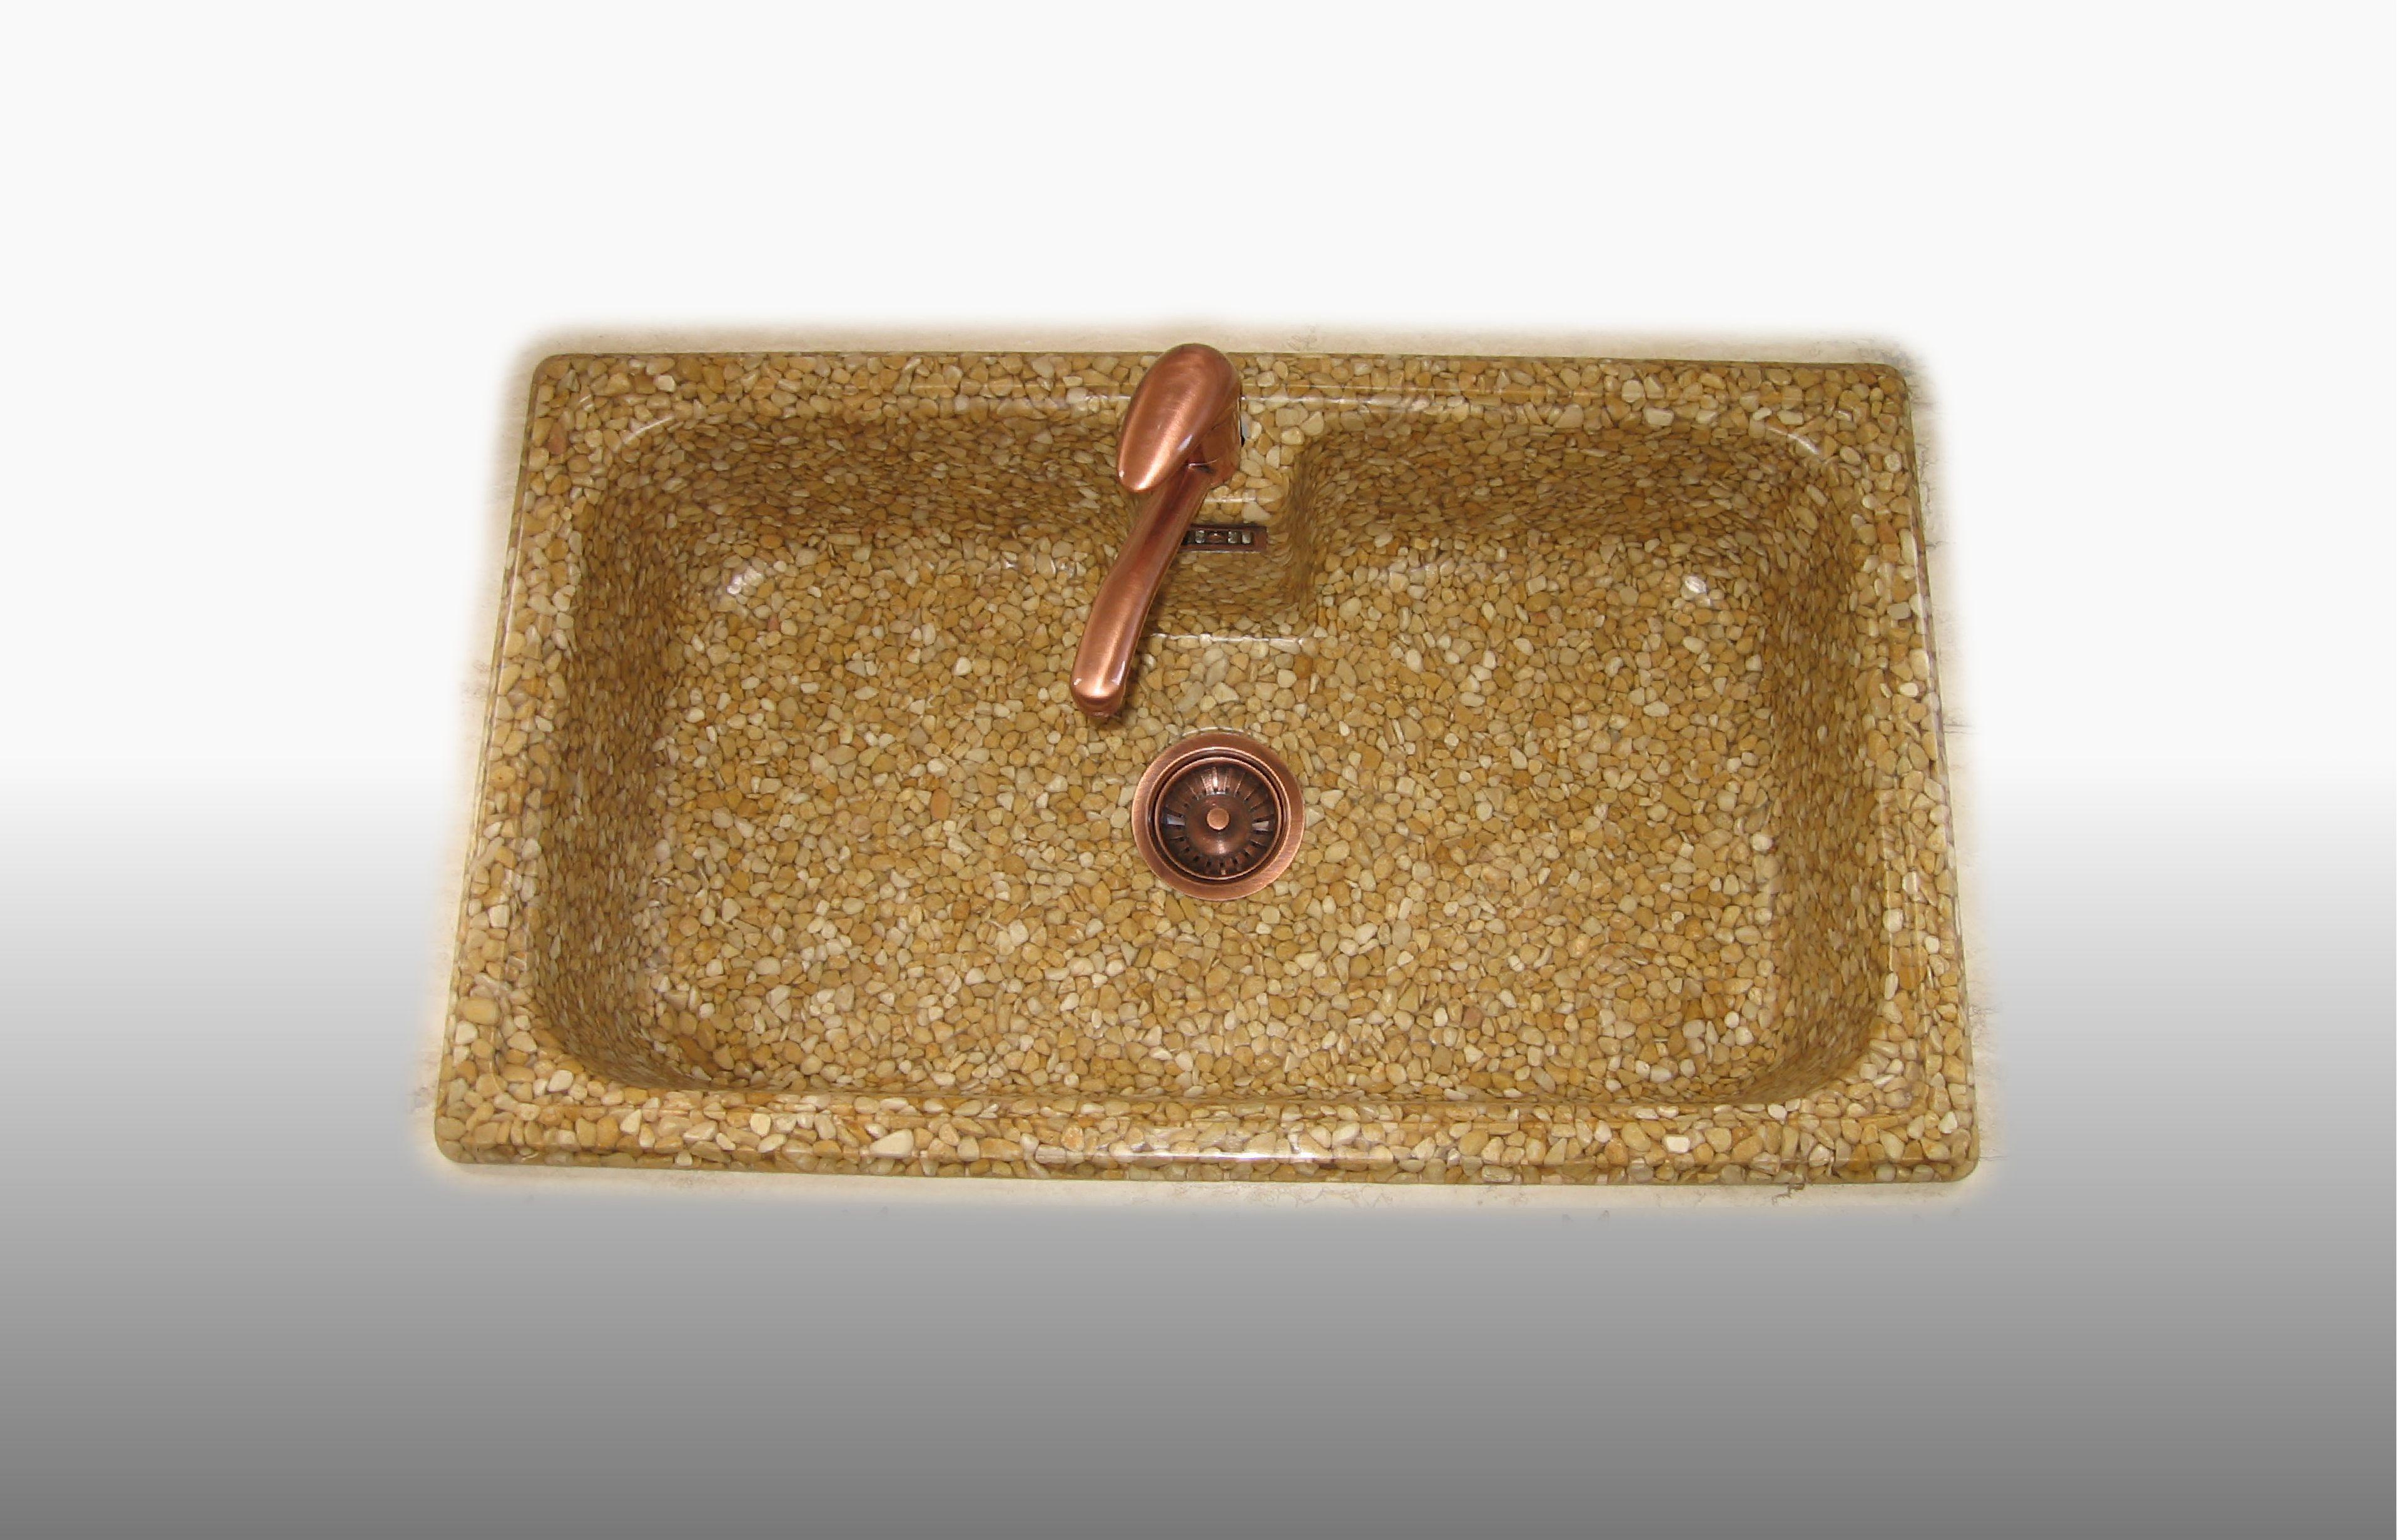 Lavello  in ciottoli Giallo mori e resina trasparente (solo lavello) misura 86x50 cm - prezzo 360,00 - 475 €